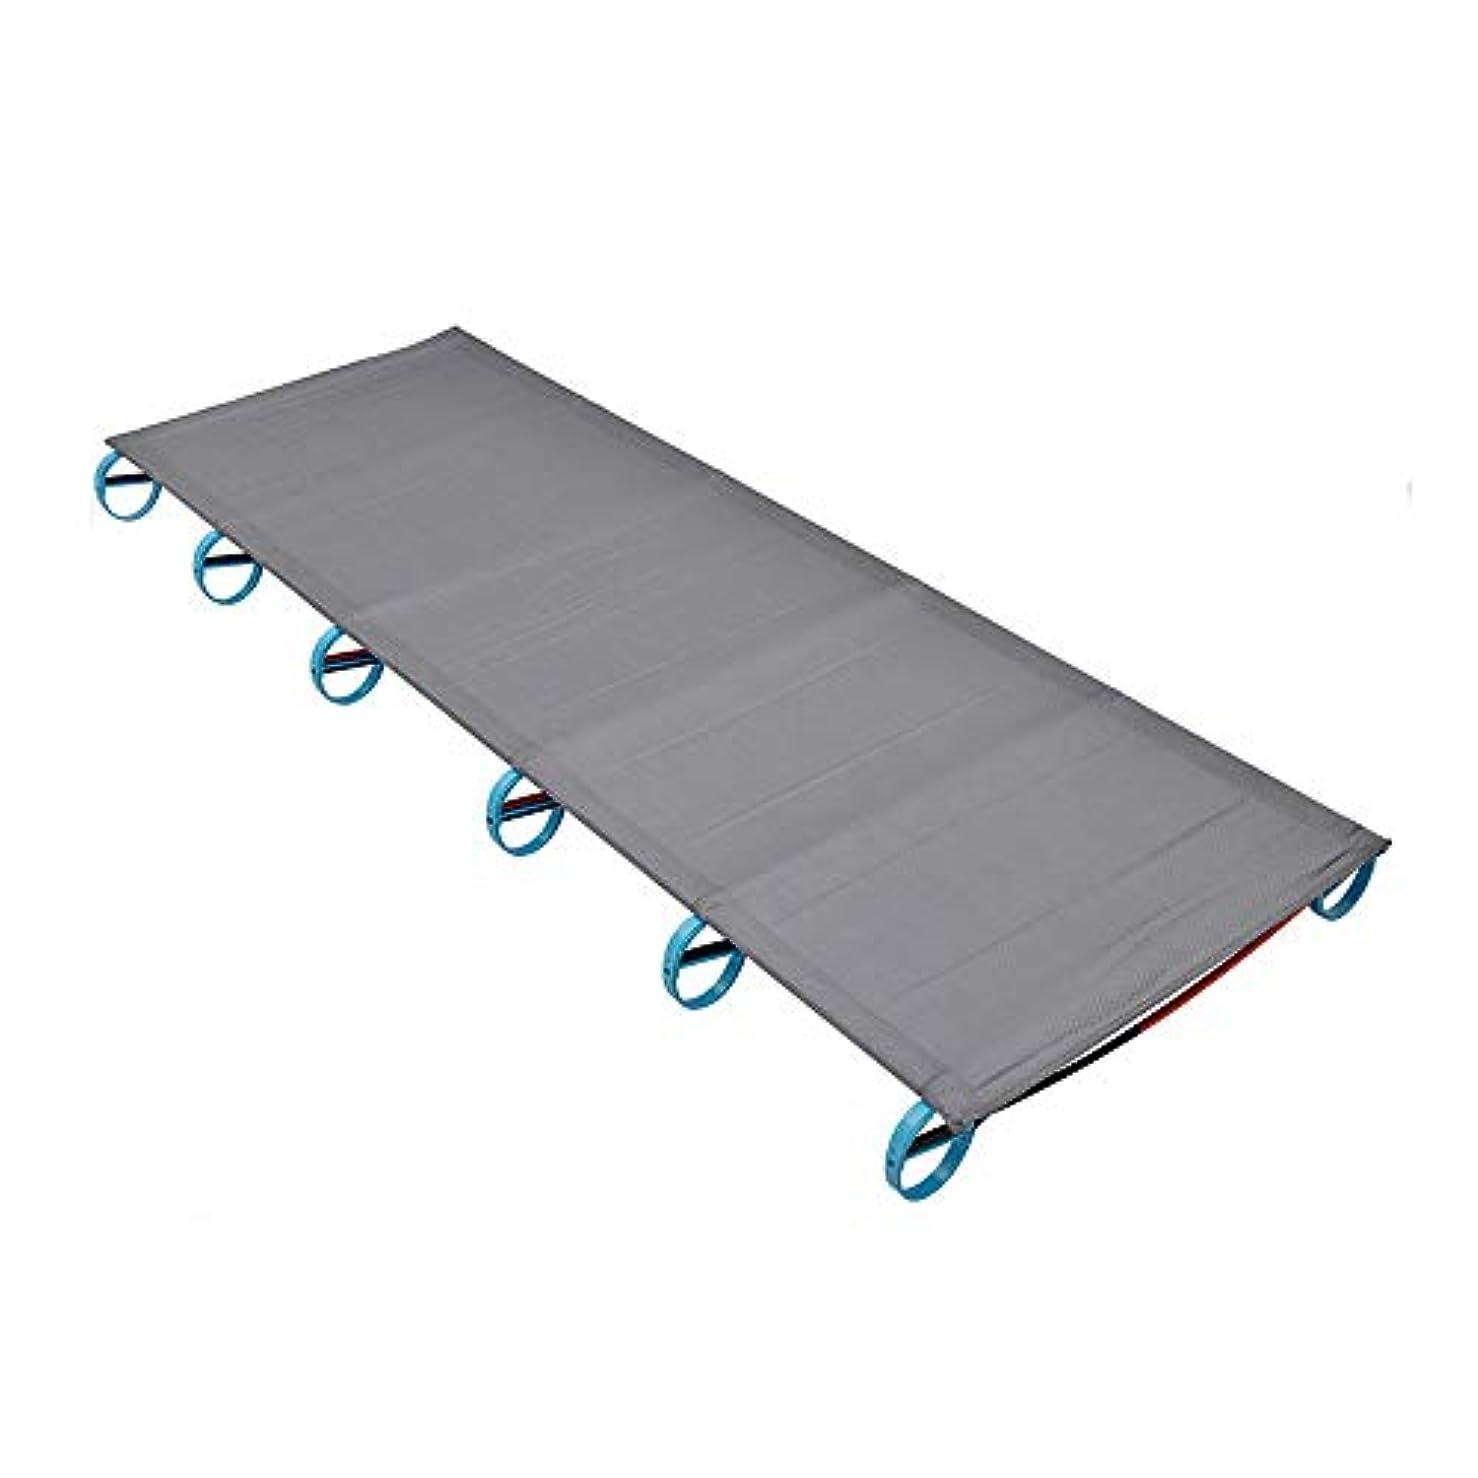 受ける階下疲労Mecoyas 折りたたみベッド 簡易 コンパクト 通気性 超軽量 ポータブル シングルベッド 旅行ベッド テントベッド アルミ金属フレーム屋外キャンプ